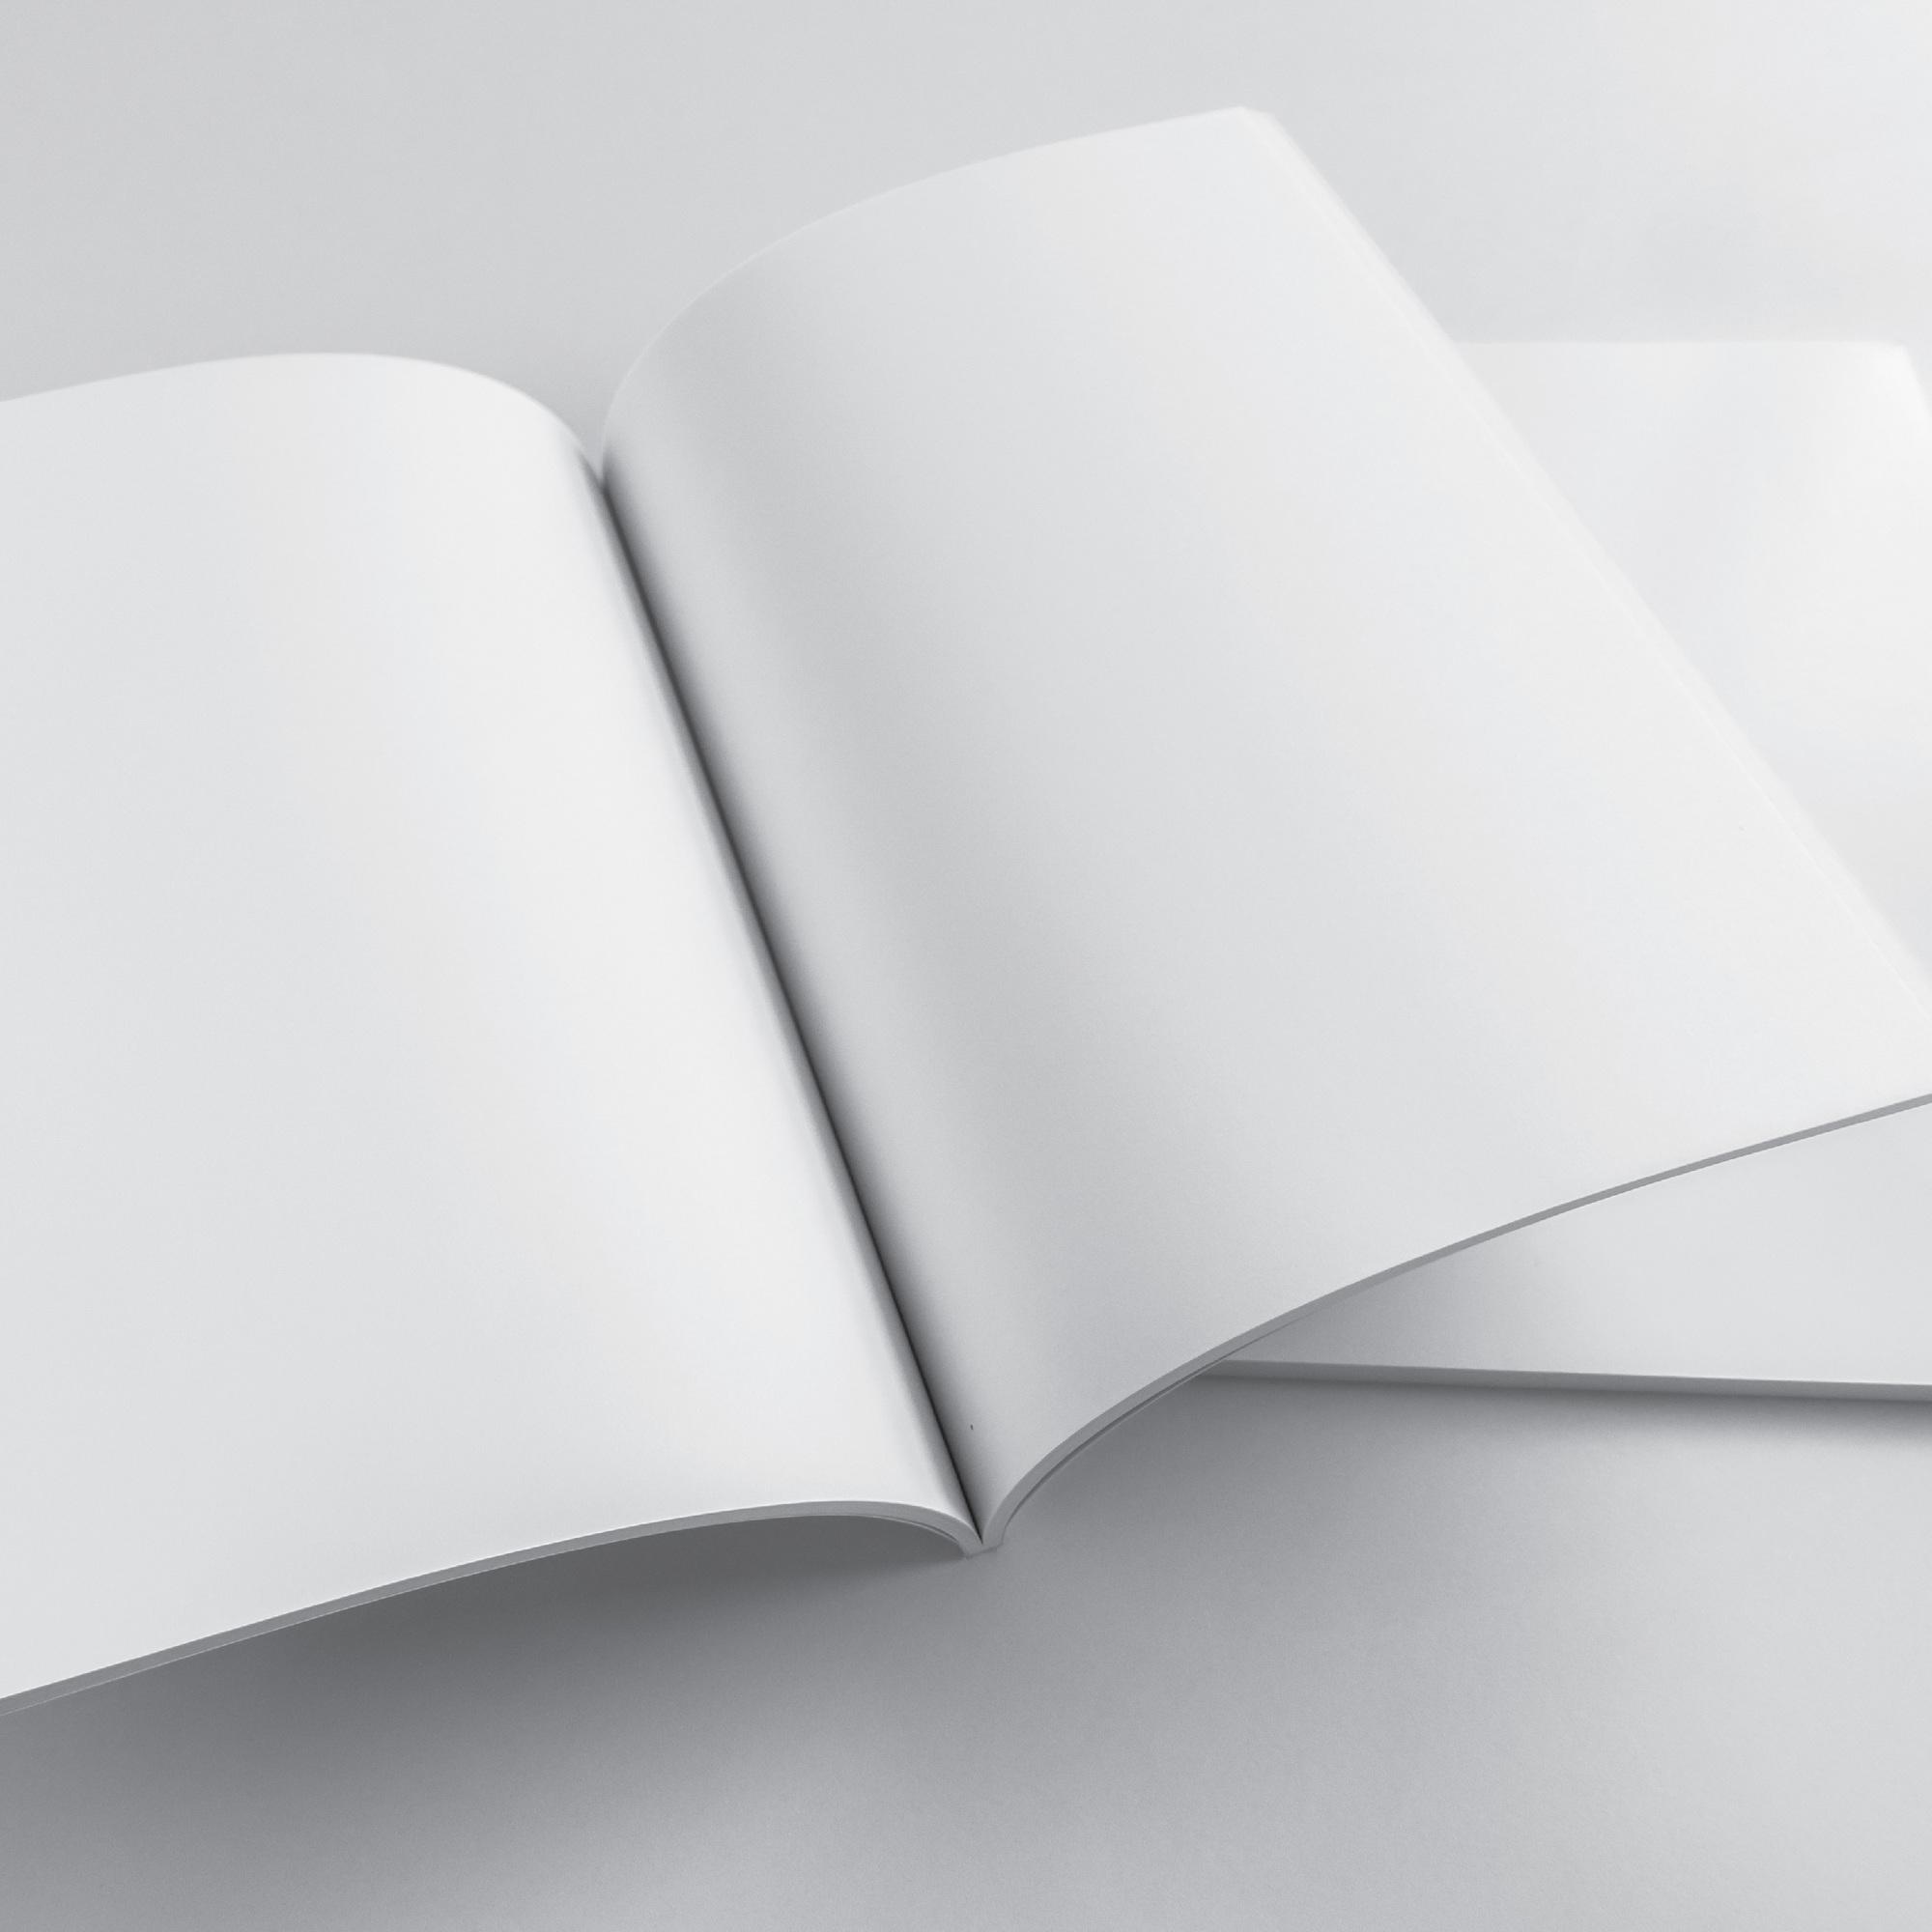 http://shop.copycatprint.com.au/images/products_gallery_images/COPYCAT_WEB_BOOKLETS_GALLERY_IMAGES_MAR18-0384.jpg